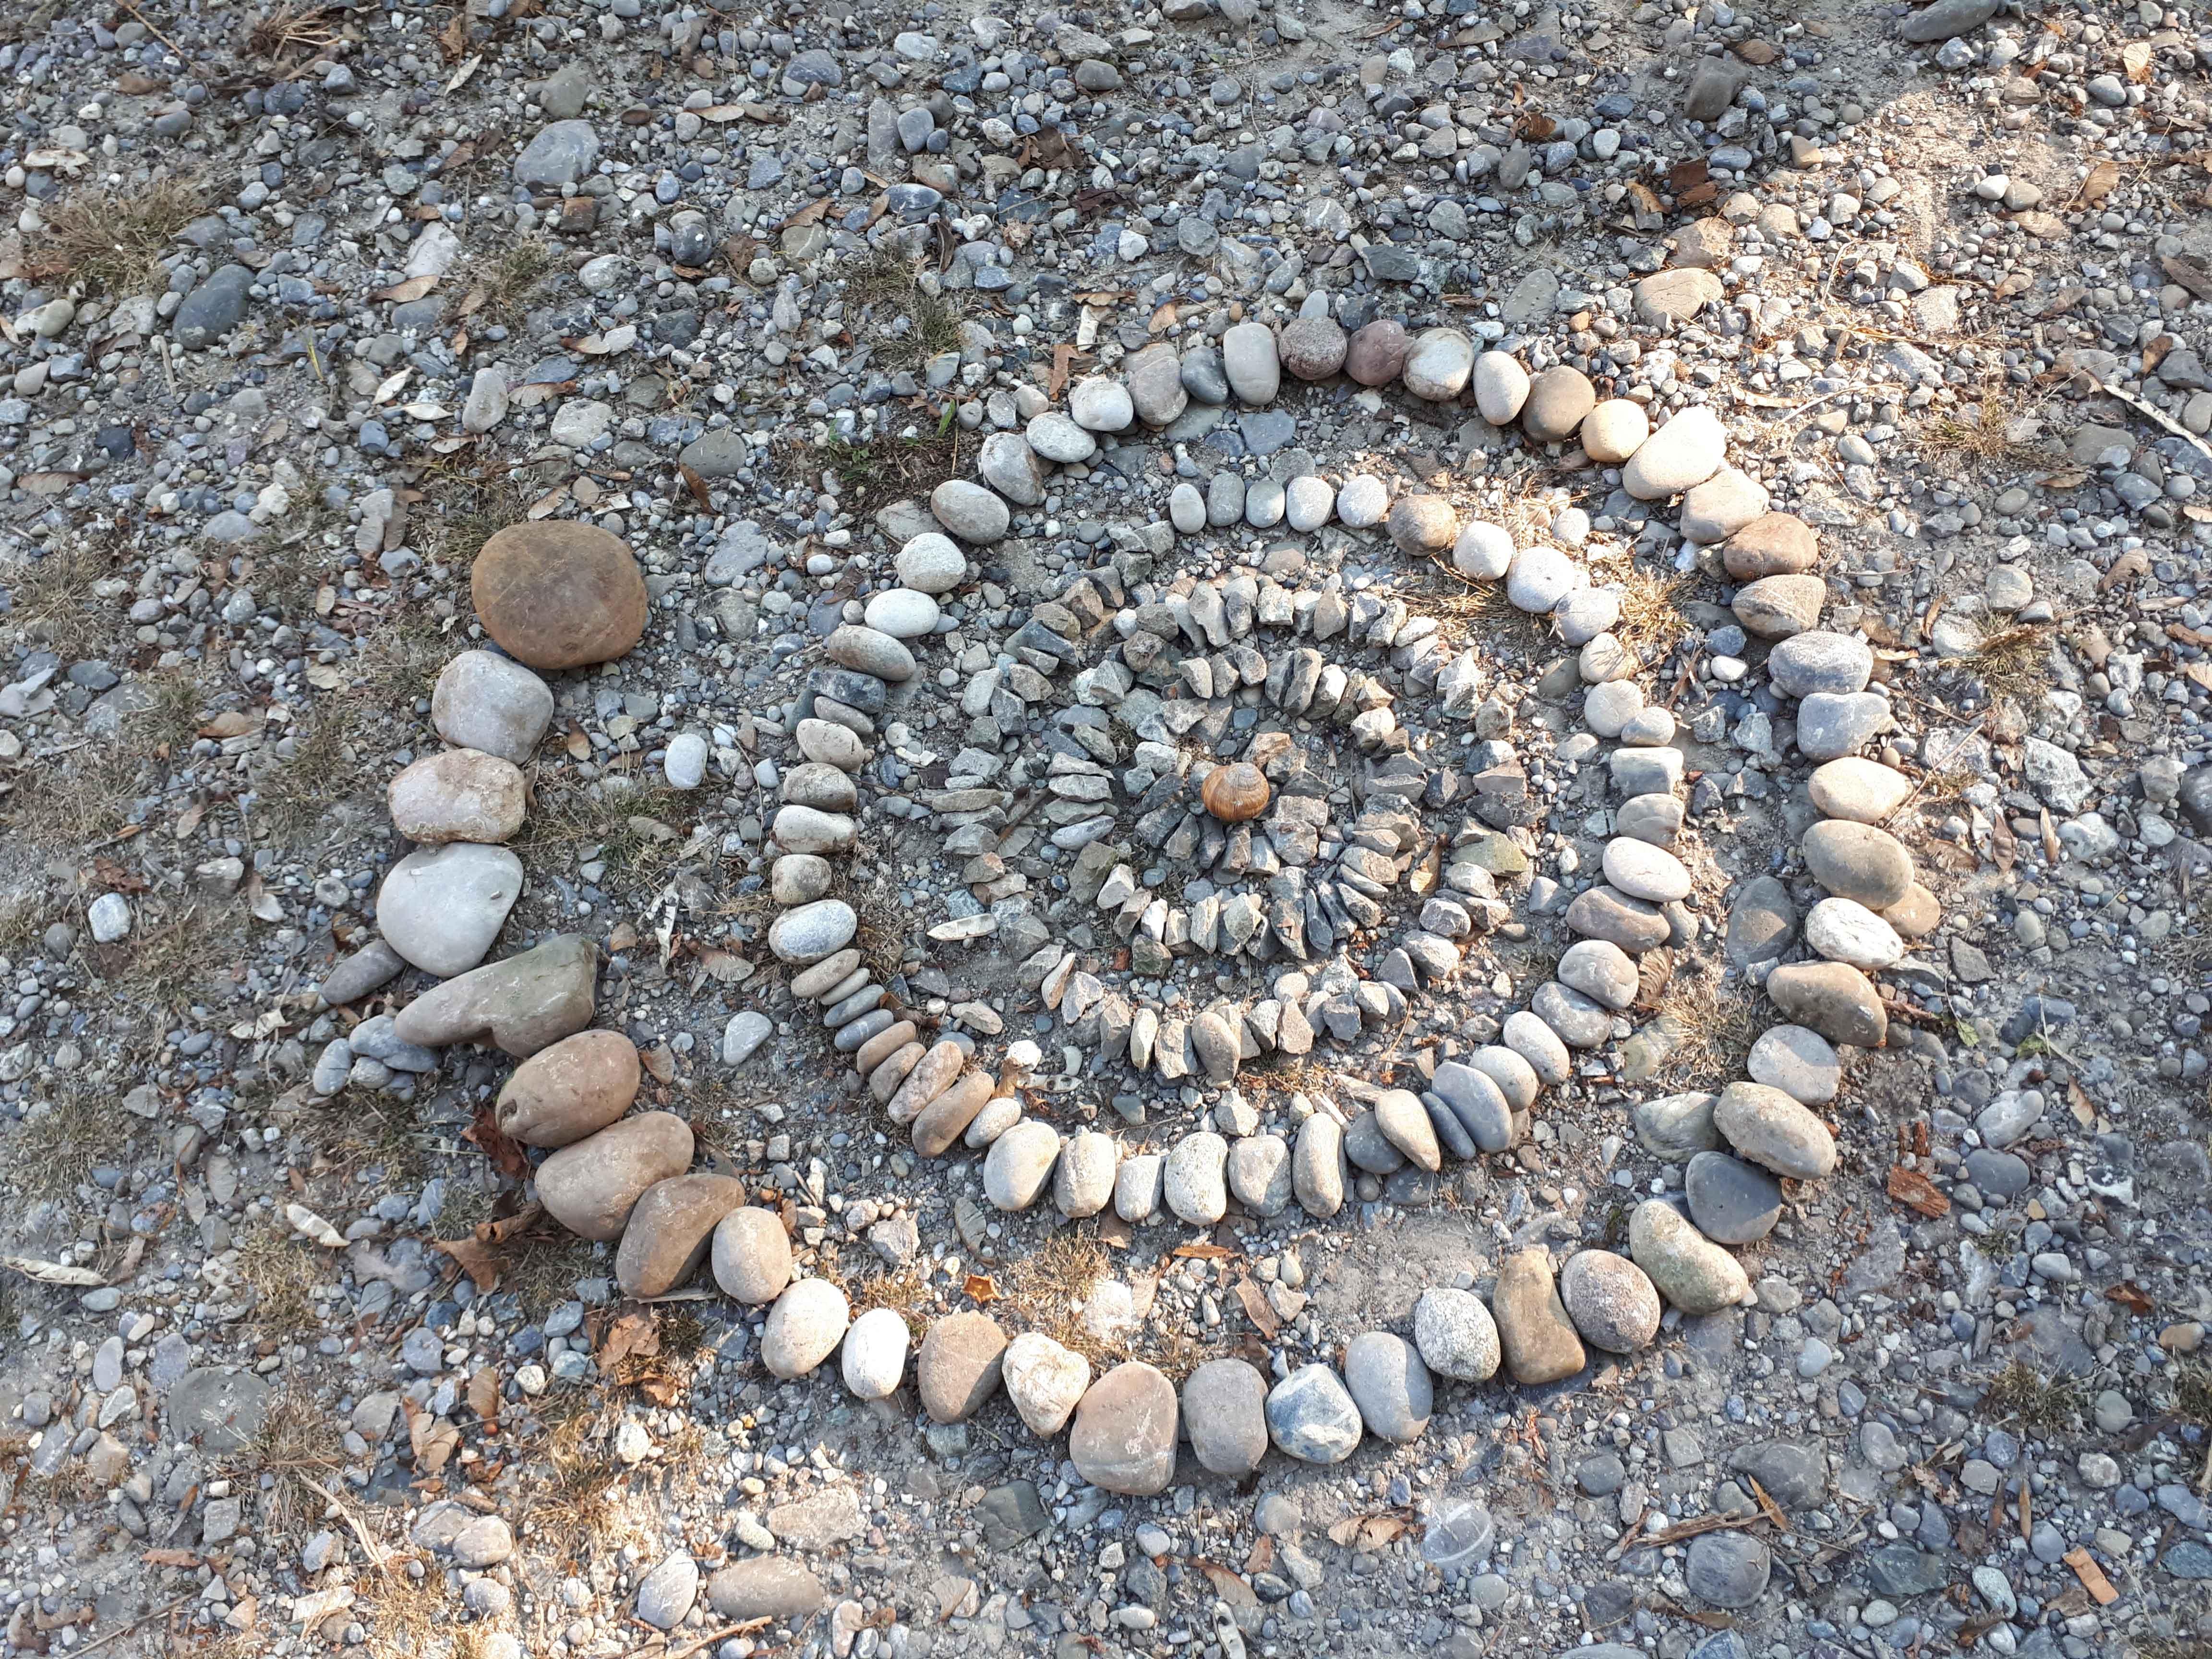 Kinderworkshop: Stecken, Steine und andere Fundstücke - Kunst im Wald